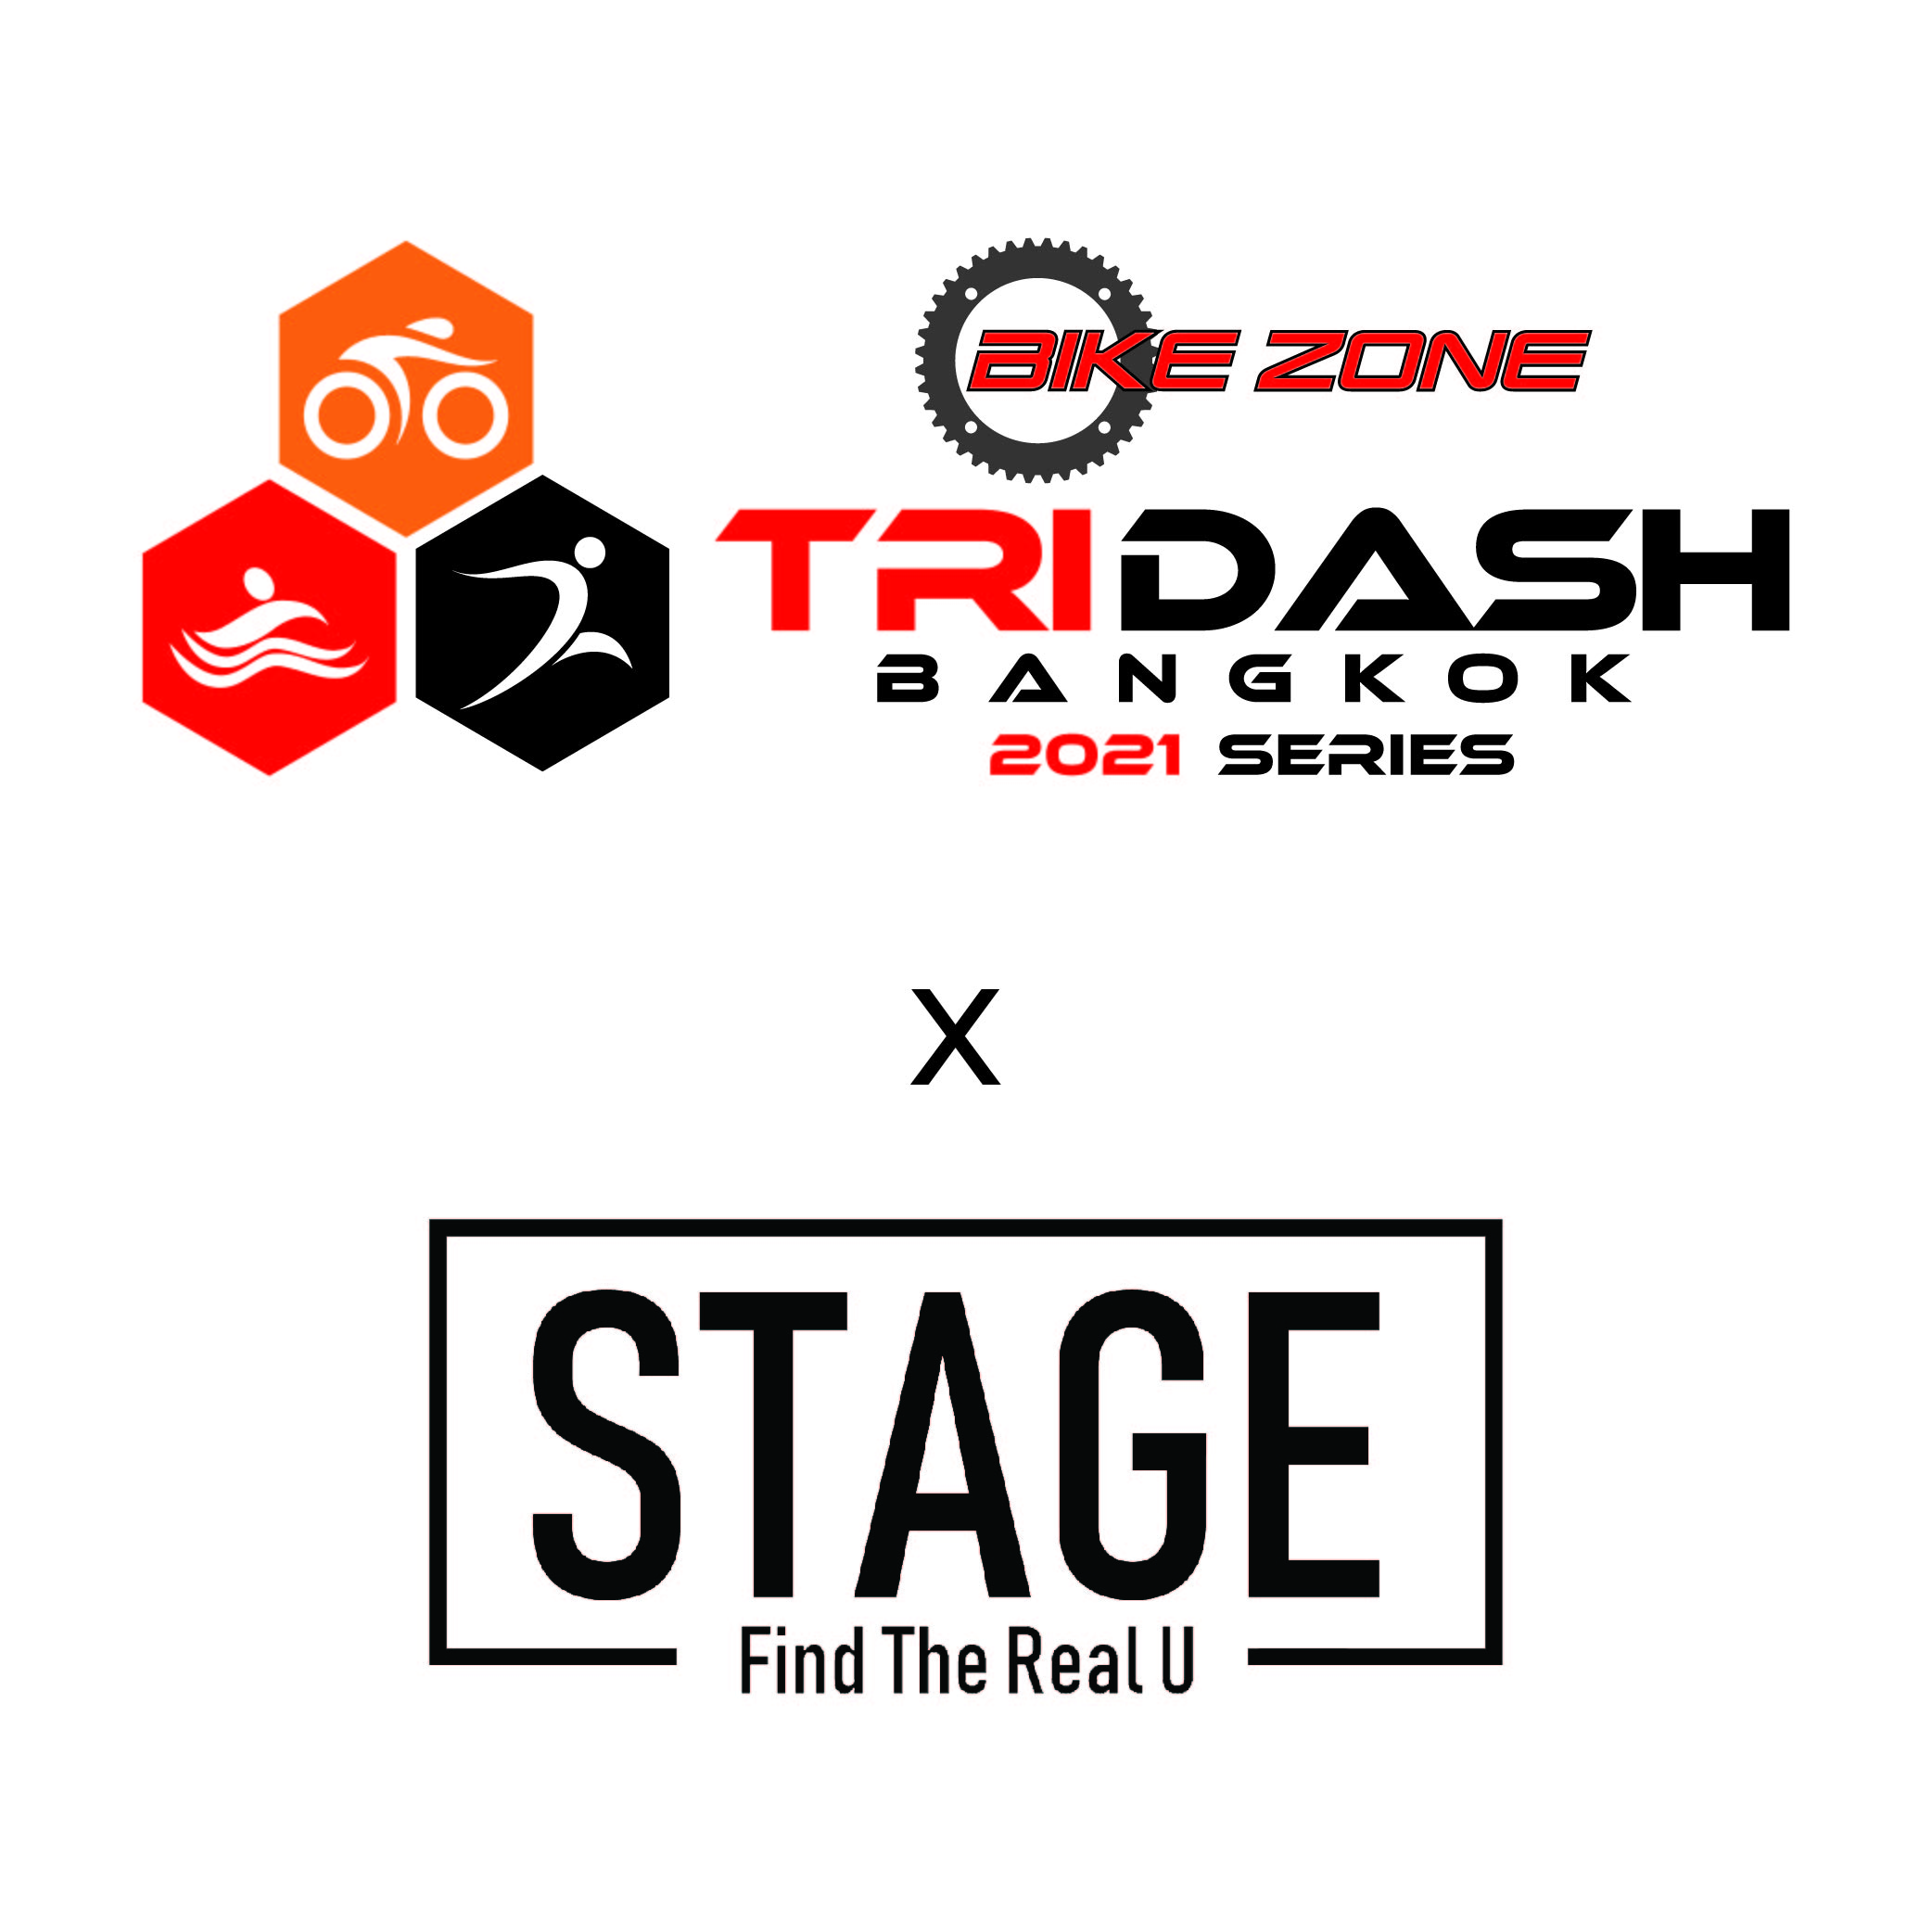 TDB21 – Bike Zone X Stage